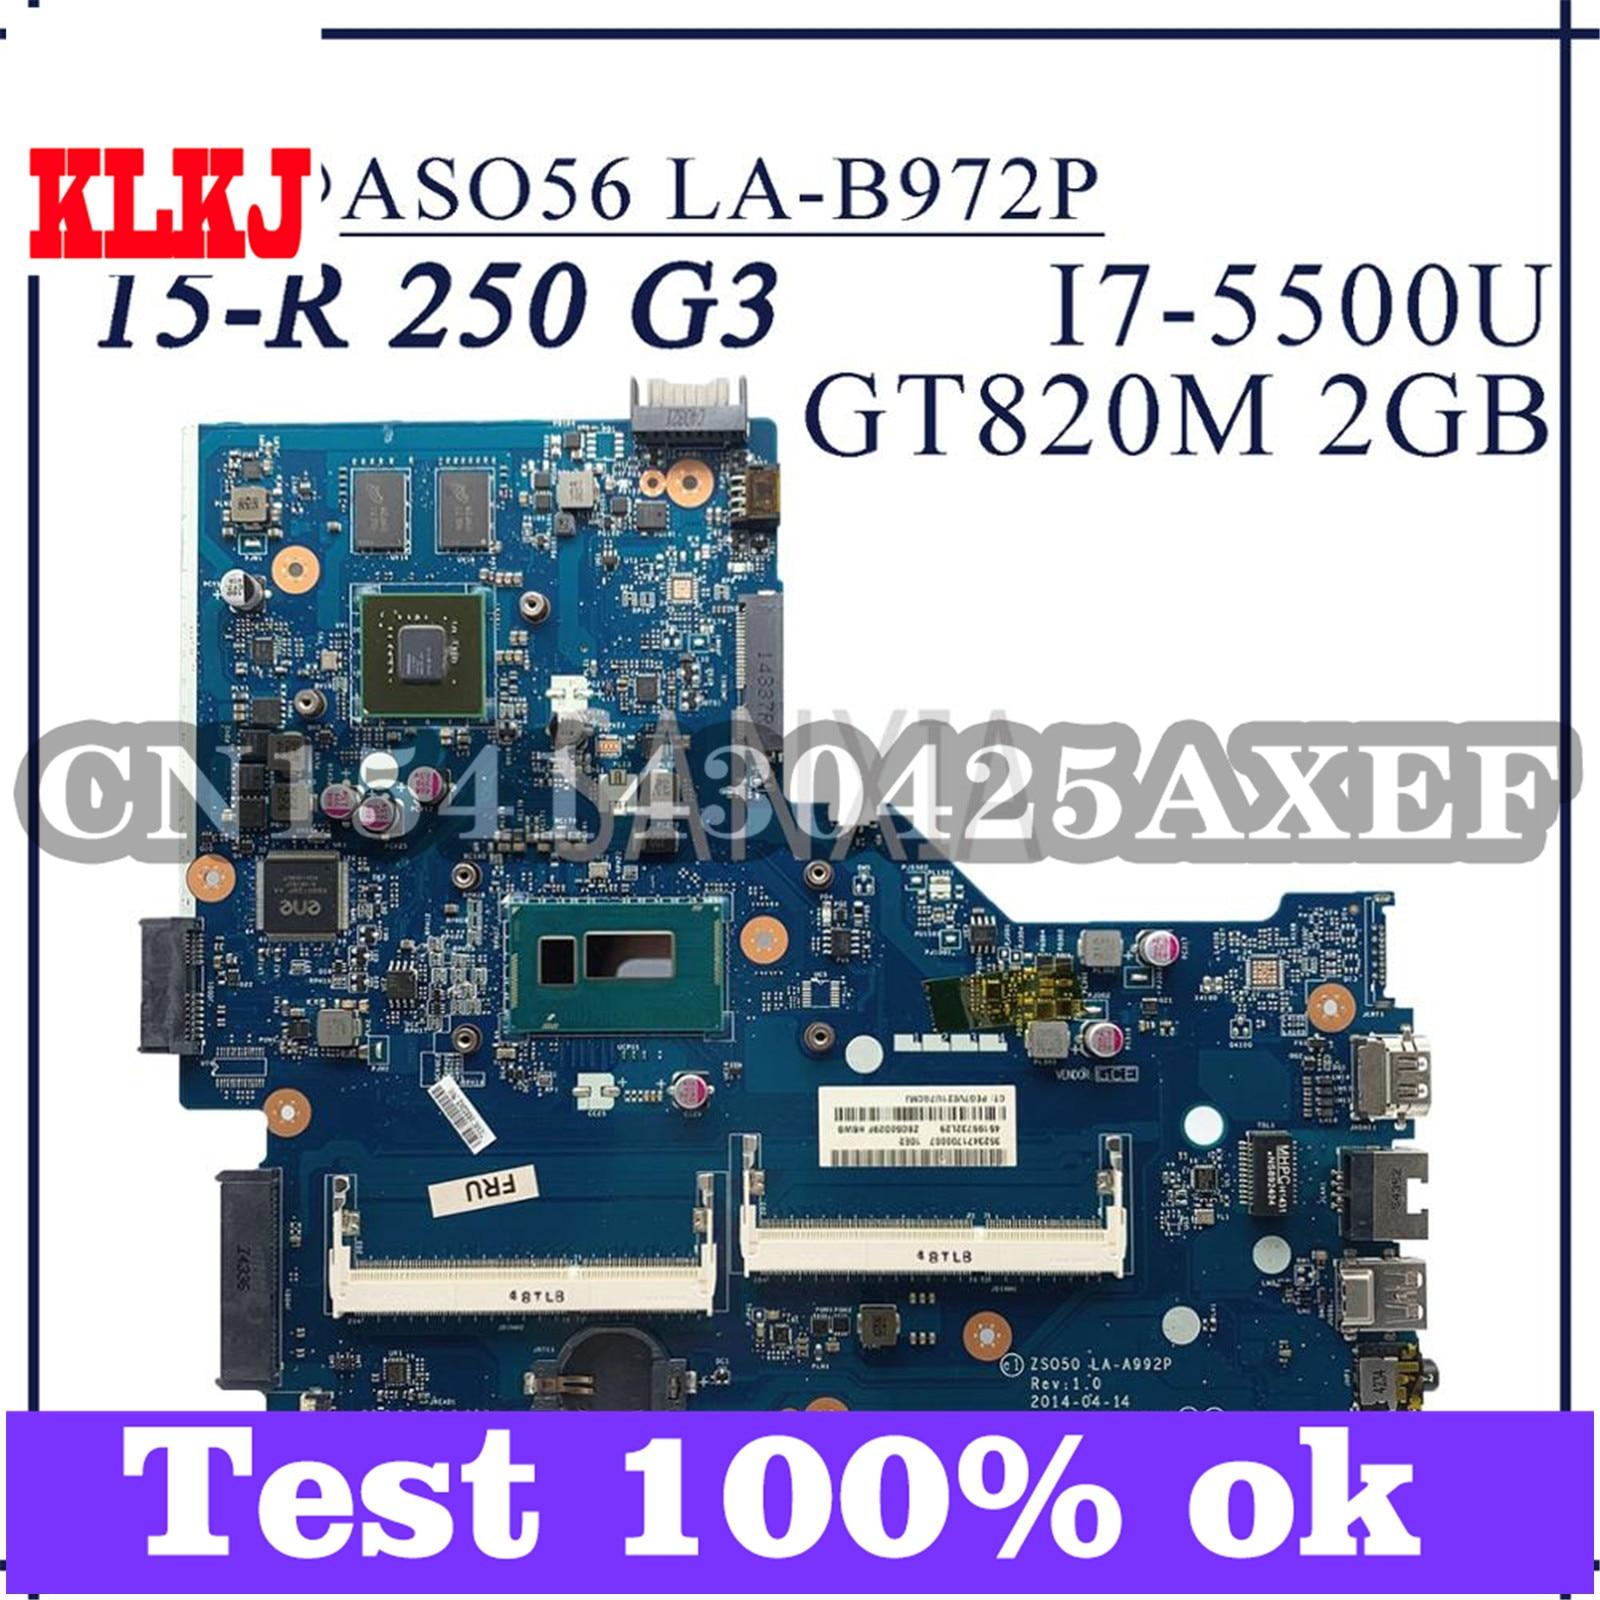 KLKJ LA-A992P محمول لوحة رئيسية لأجهزة HP 15-R 250 G3 اللوحة الأصلية I7-5500U GT820M-2GB